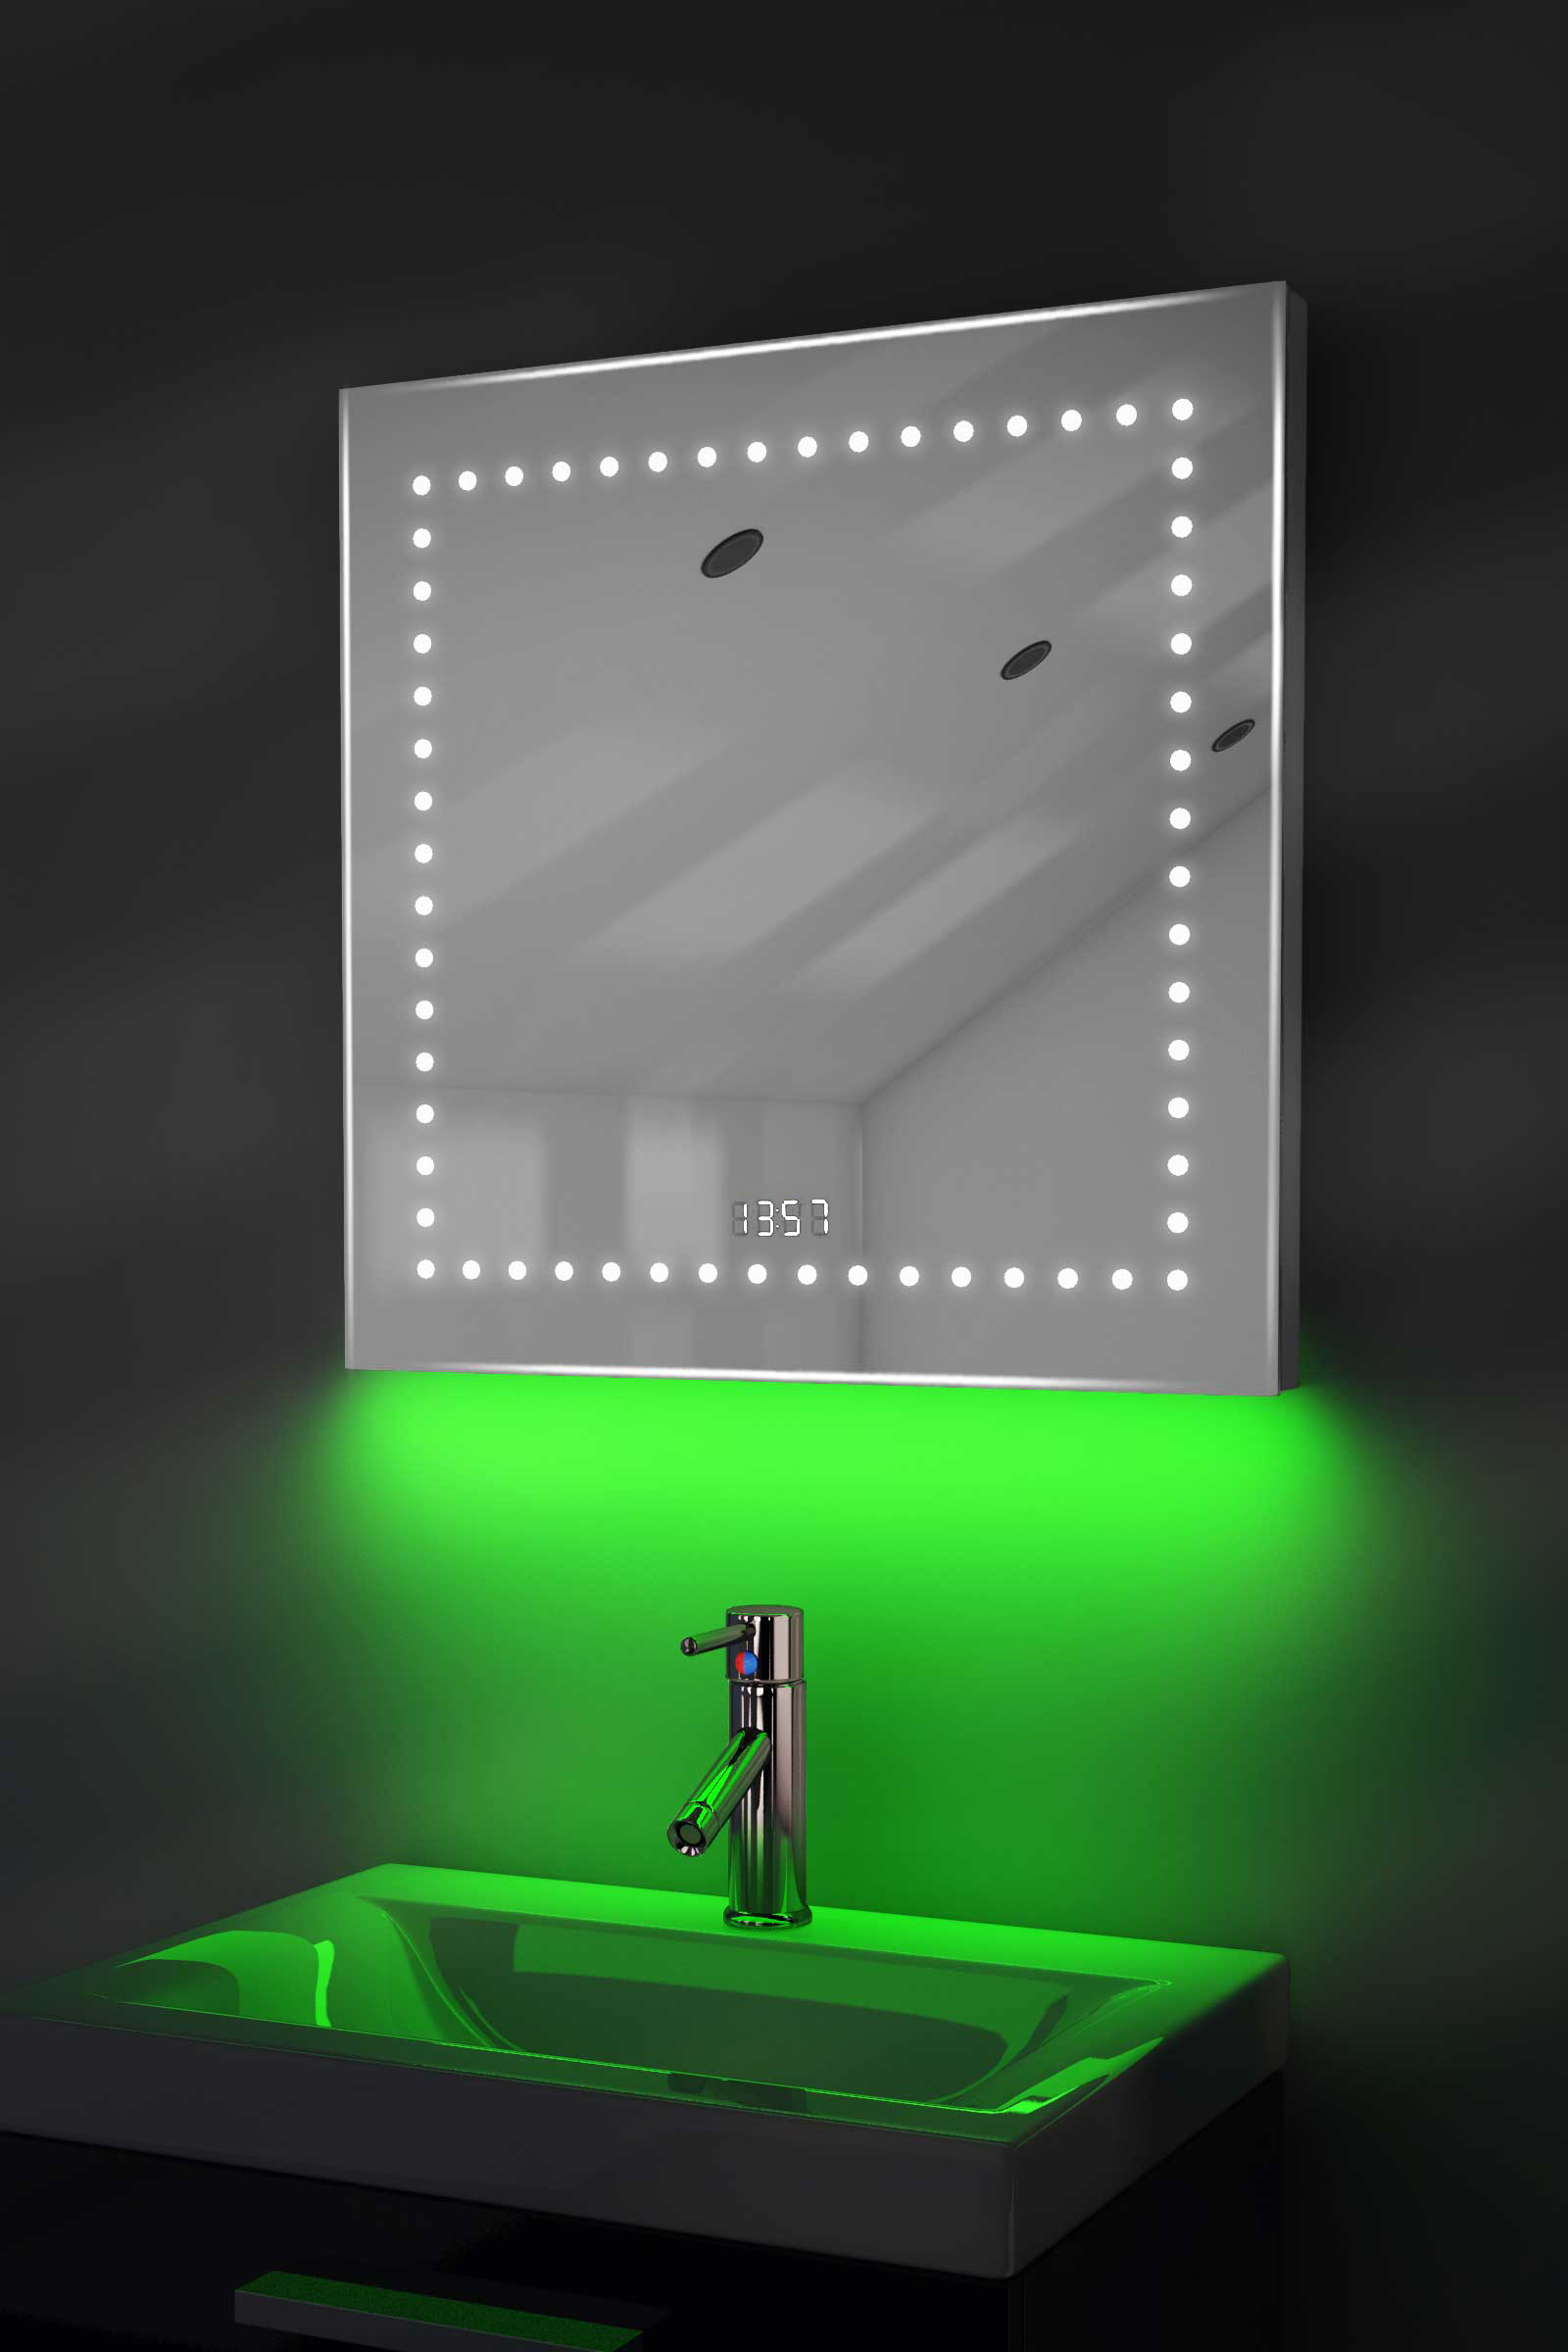 badspiegel mit uhr bluetooth spiegelheizung sensor rasiersteckdose k183gaud. Black Bedroom Furniture Sets. Home Design Ideas